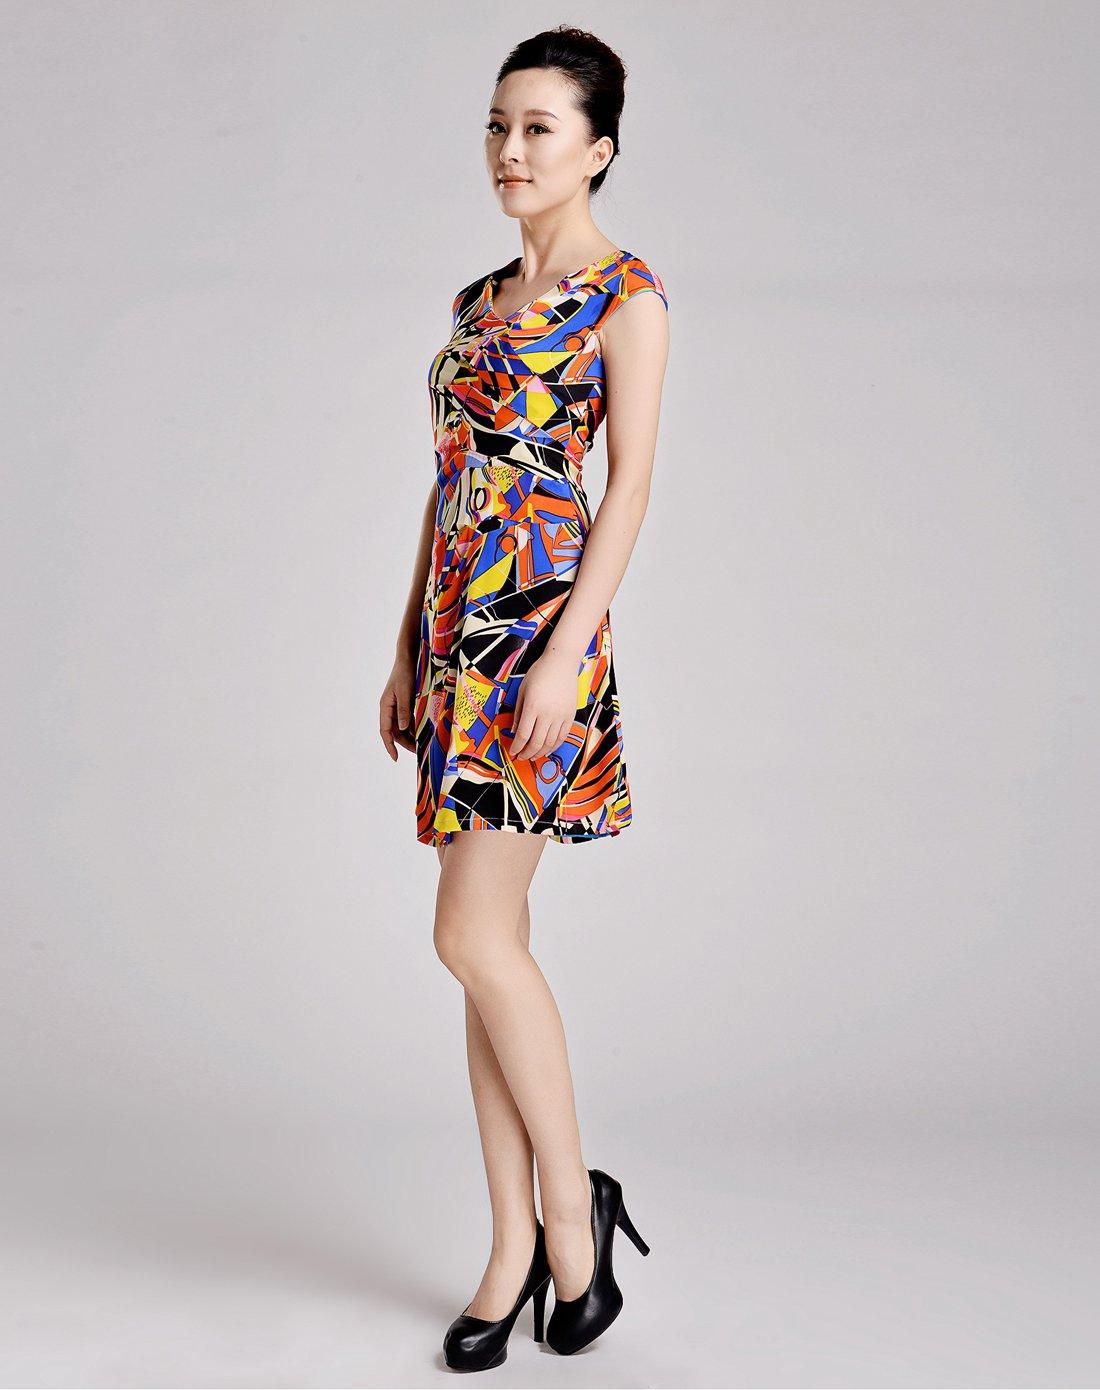 女款橘色几何图案修身真丝连衣裙